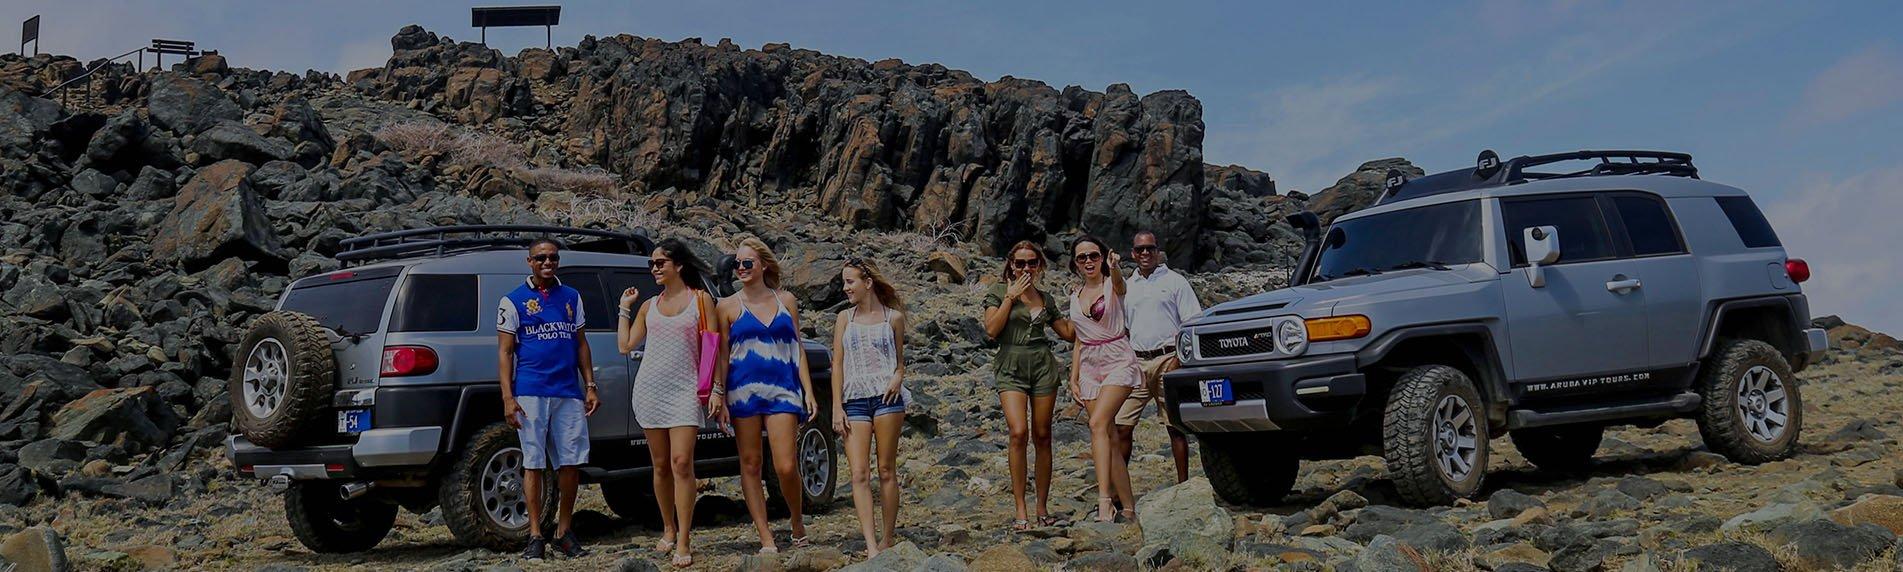 Aruba Rentals